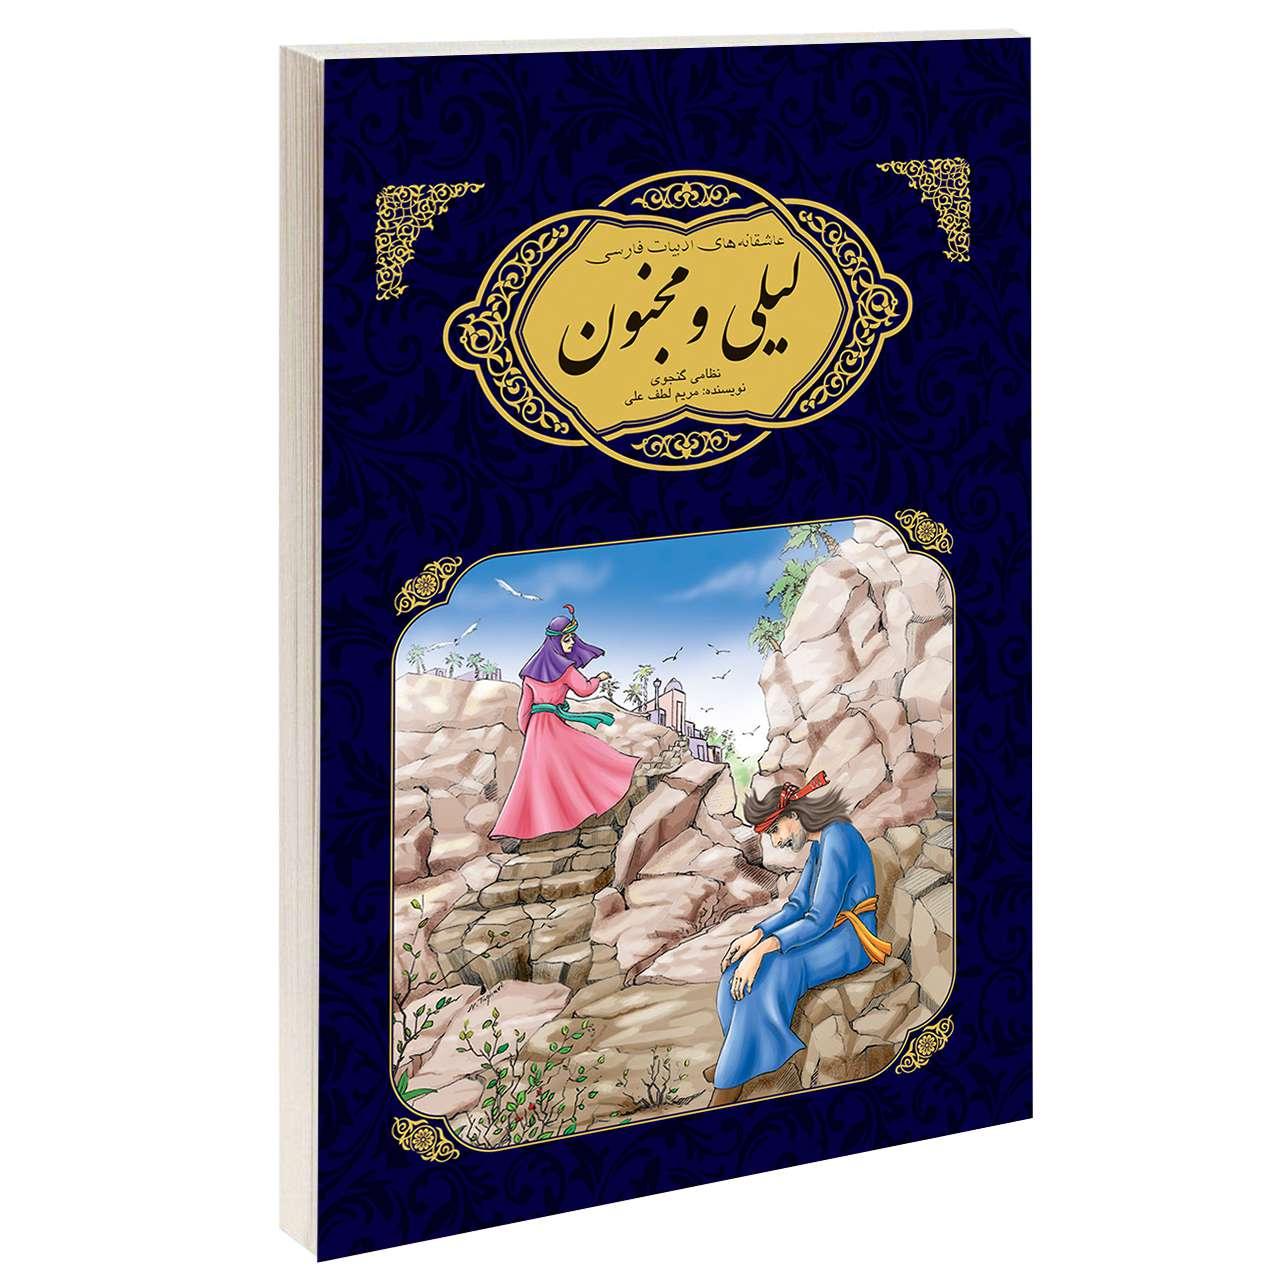 خرید                      کتاب عاشقانه های ادبیات فارسی لیلی و مجنون اثر مریم لطفعلی انتشارات گوهراندیشه